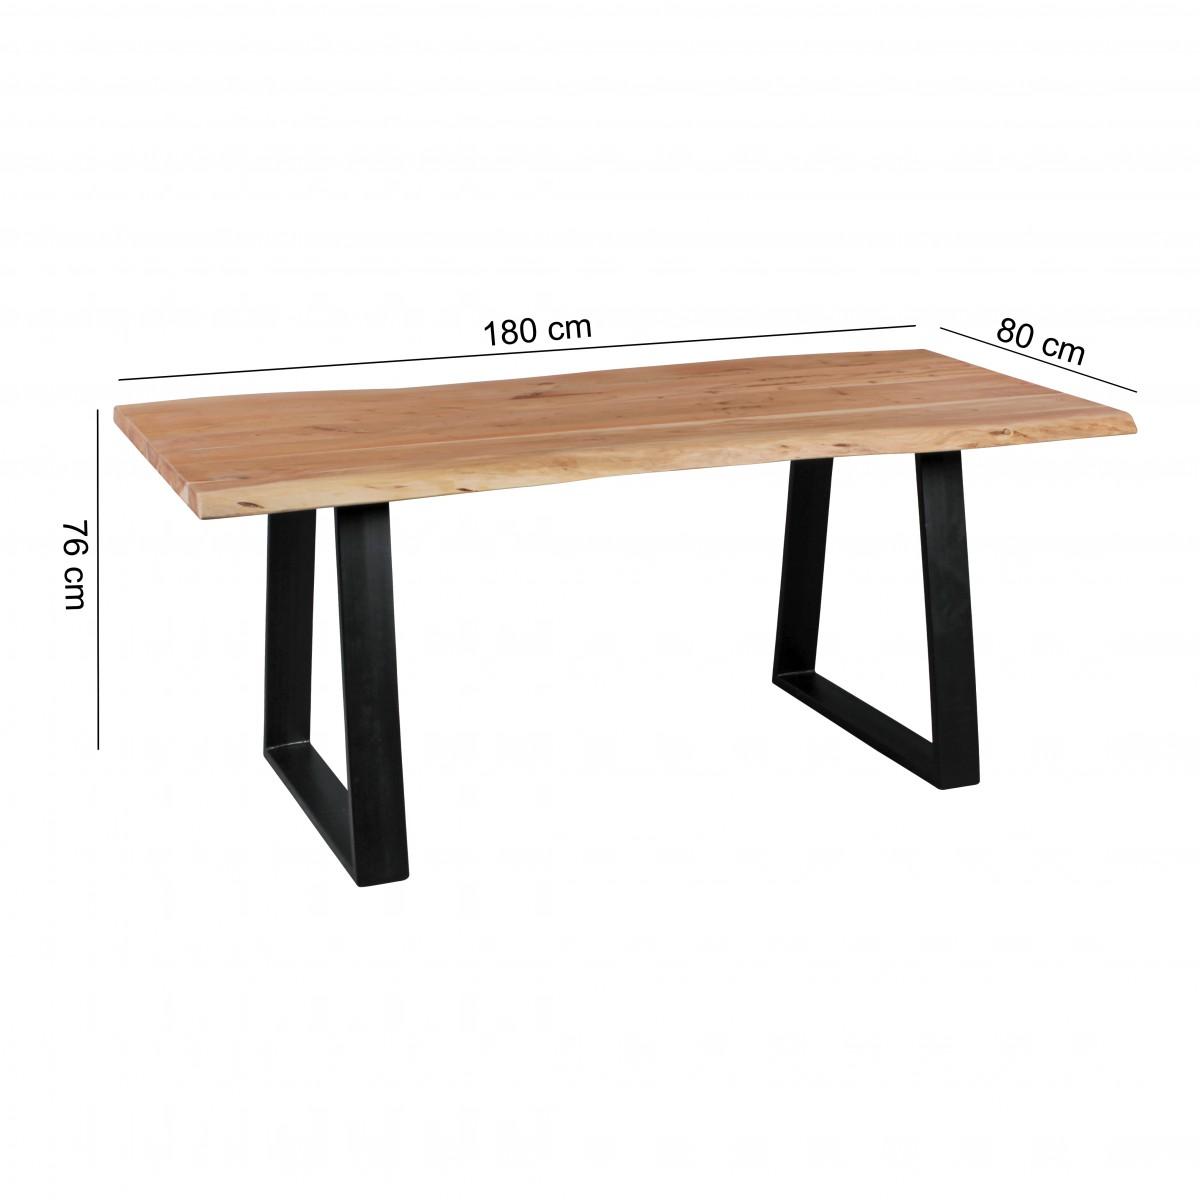 Jídelní stůl Gaya, 180 cm, masiv akát